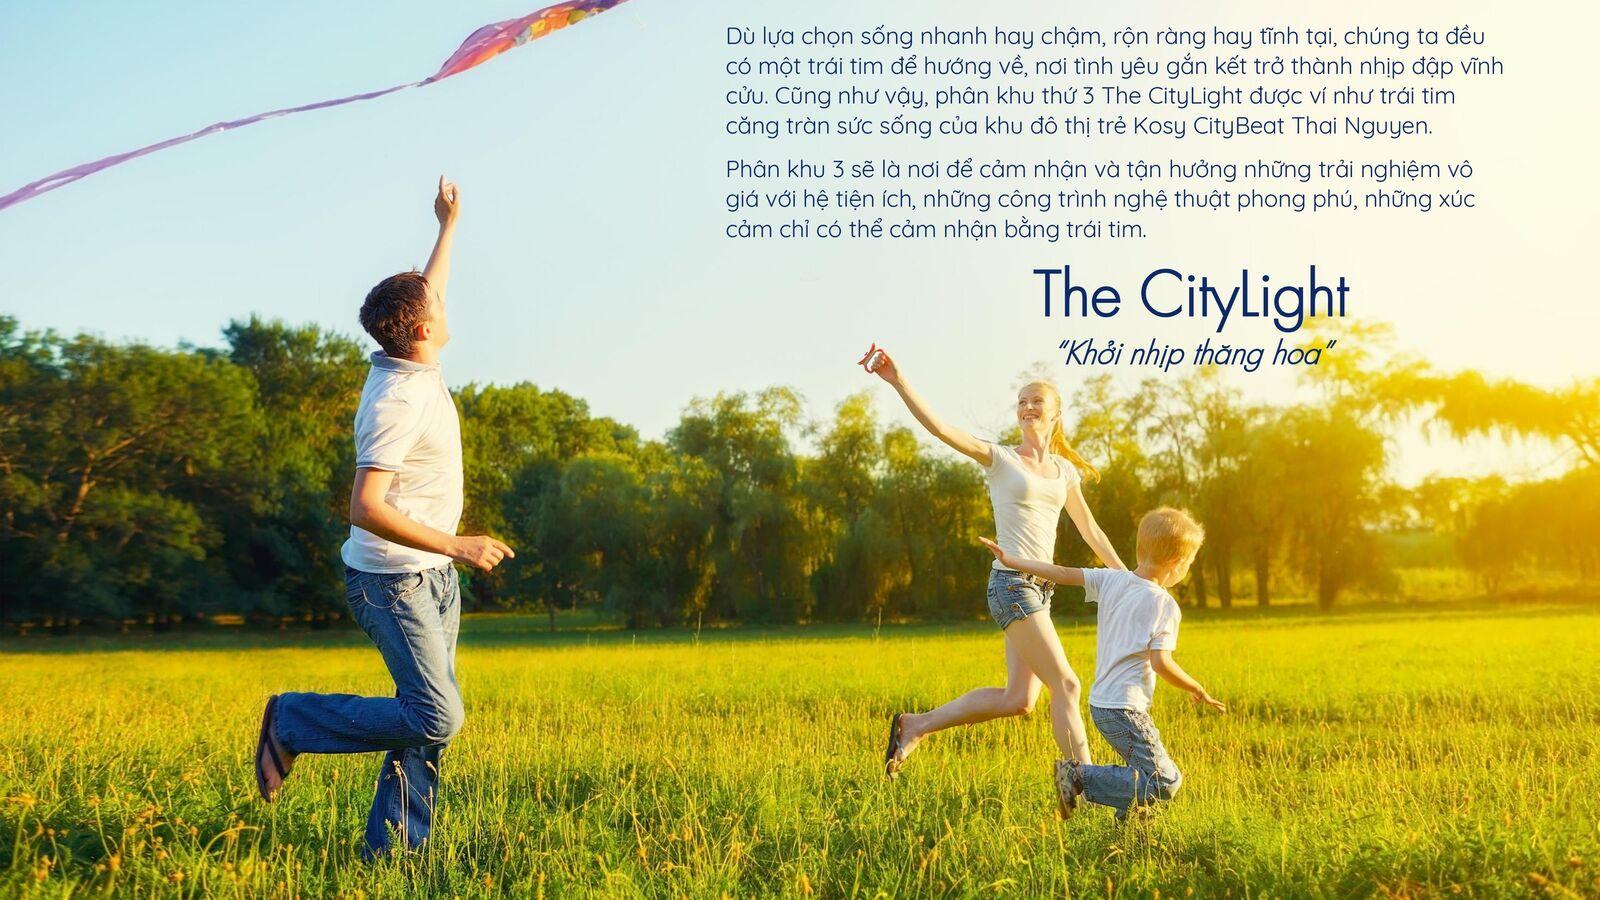 phân khu the citylight